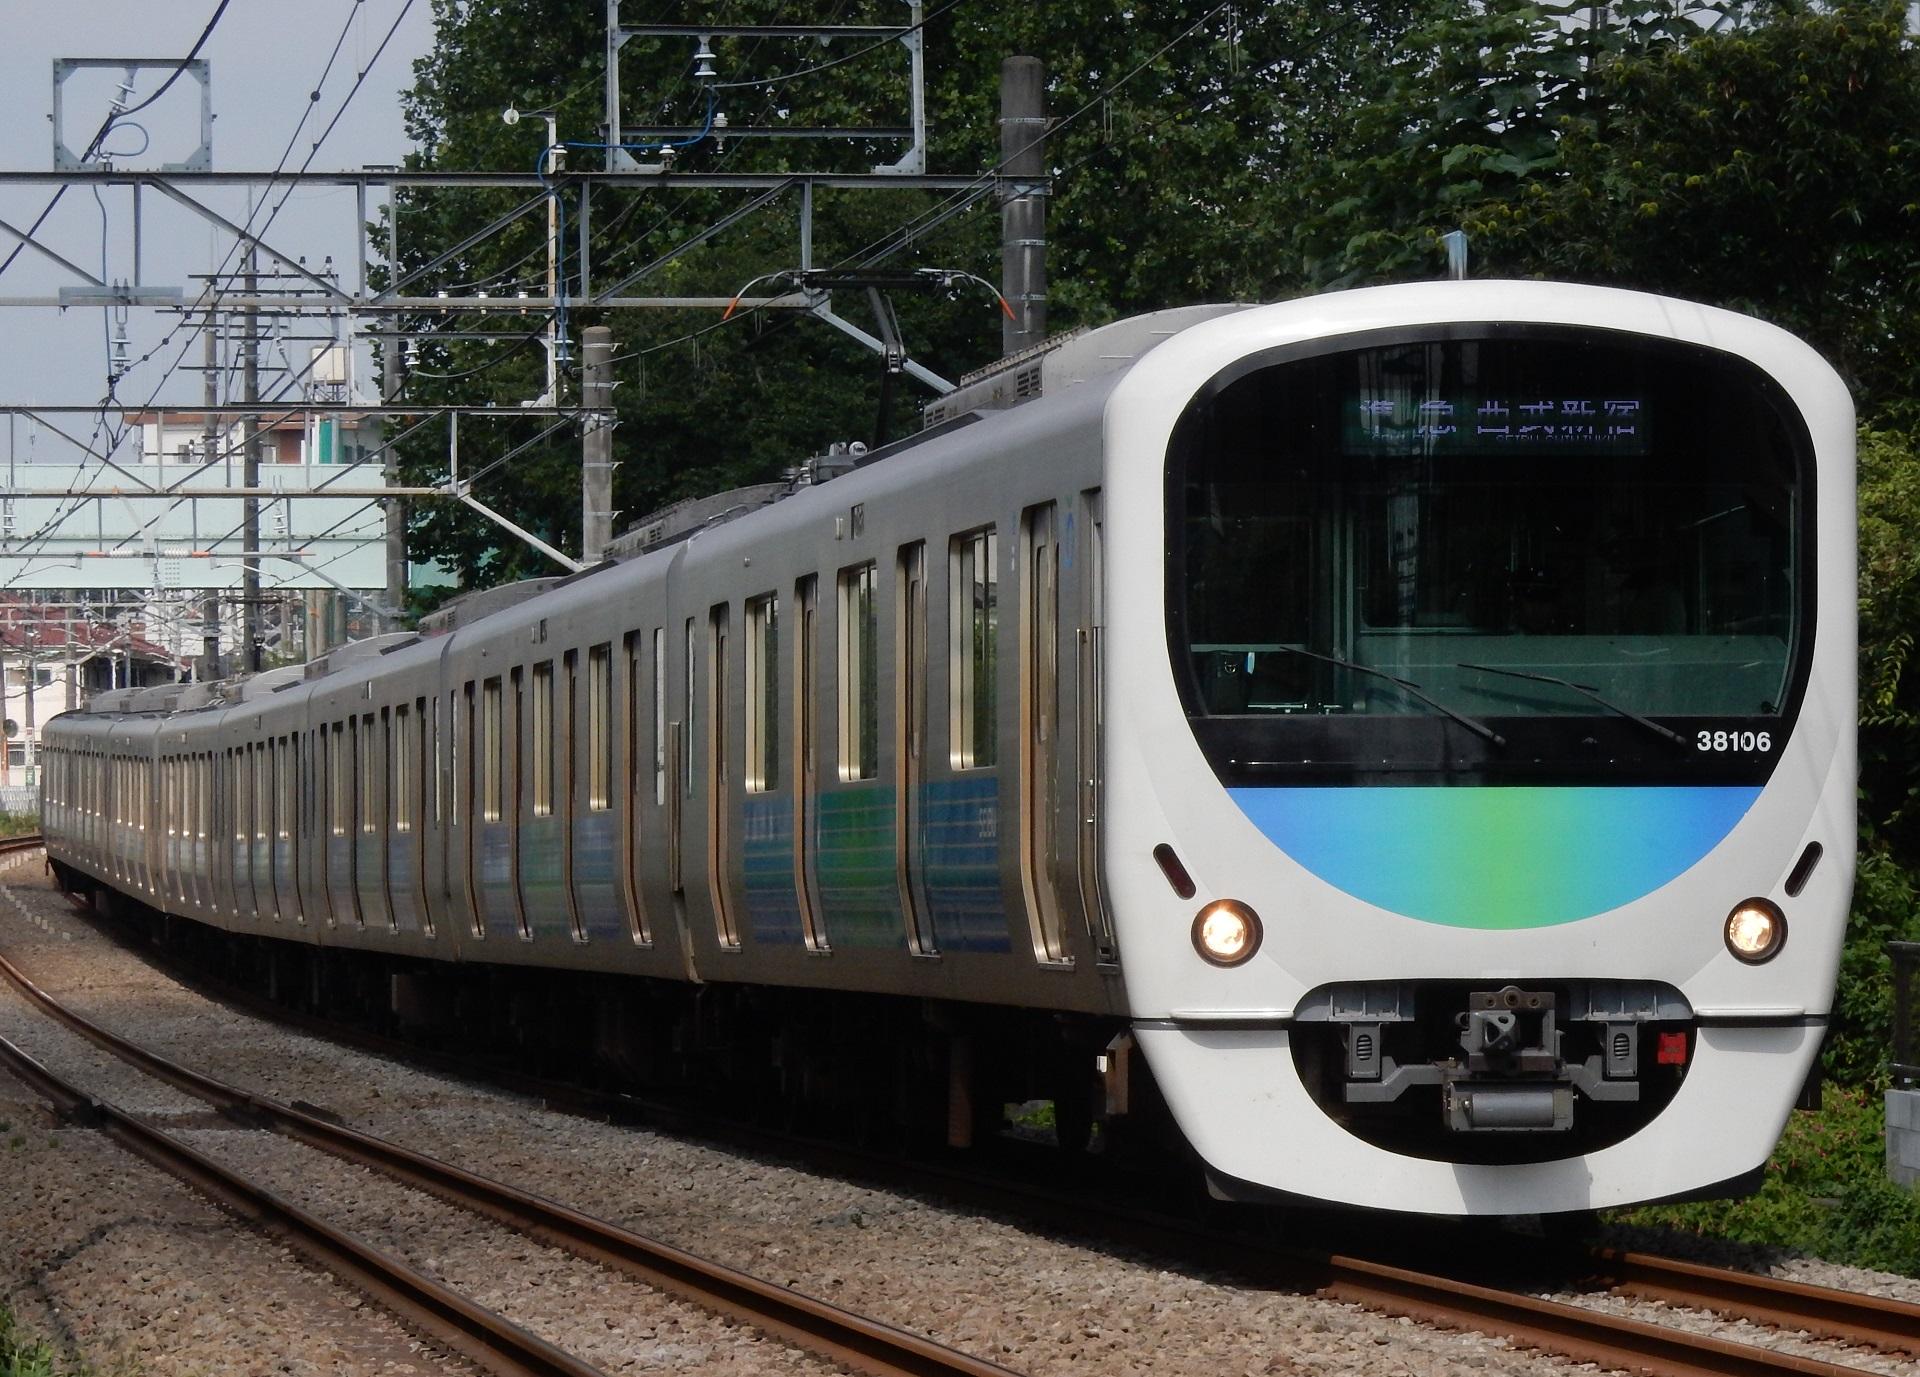 DSCN4960 - コピー